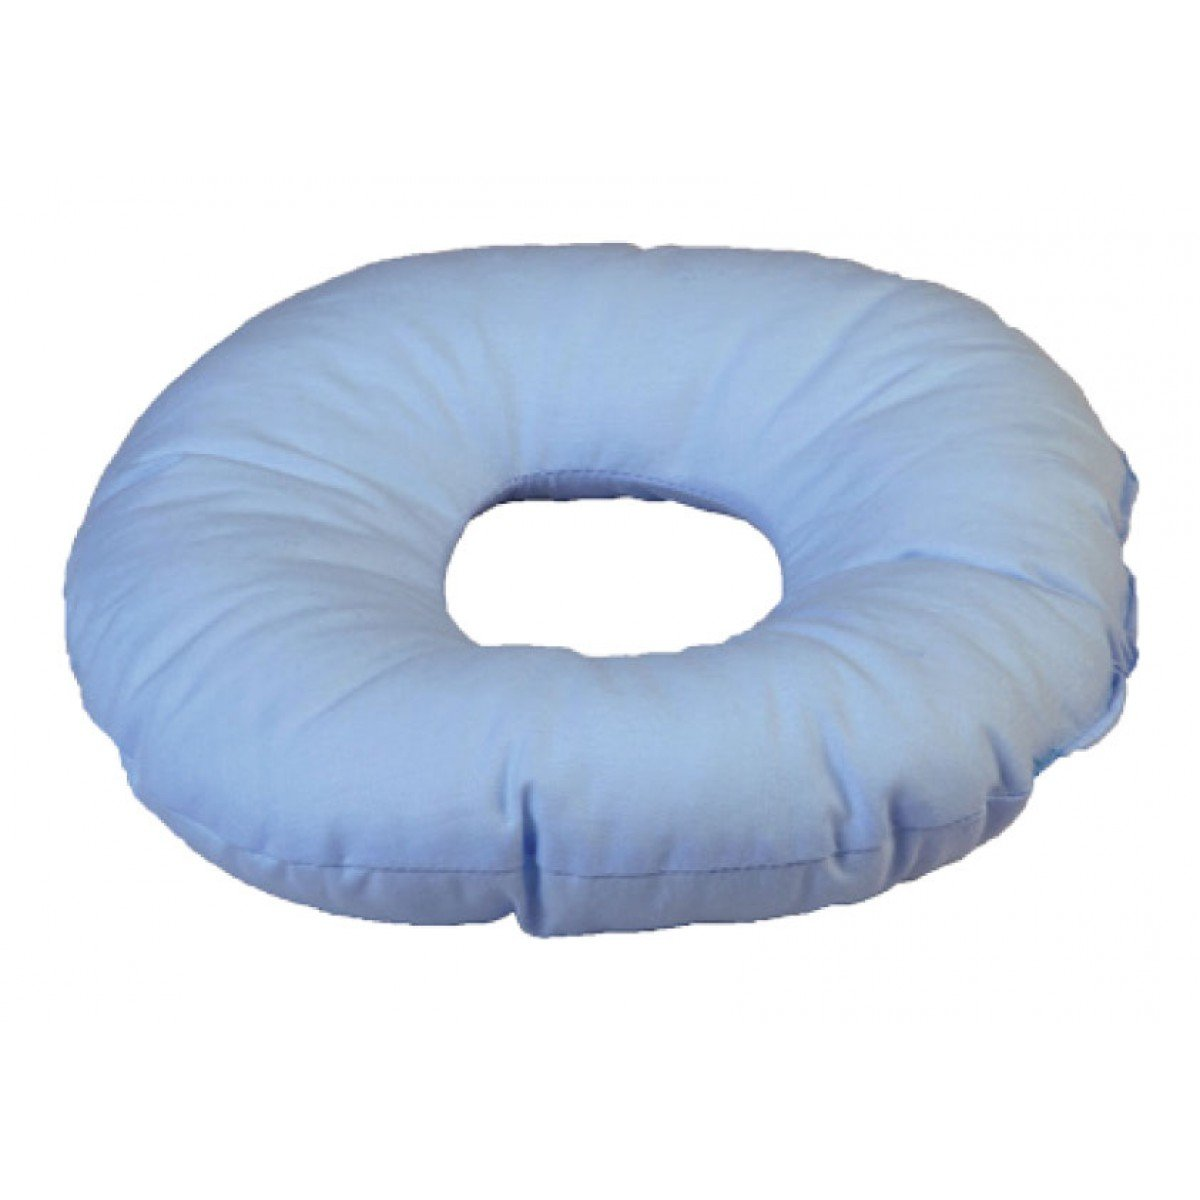 Cuscino Antidecubito In Fibra Cava Siliconata.Cuscino Antidecubito In Fibra Cava Di Silicone Dimensioni Ridotte